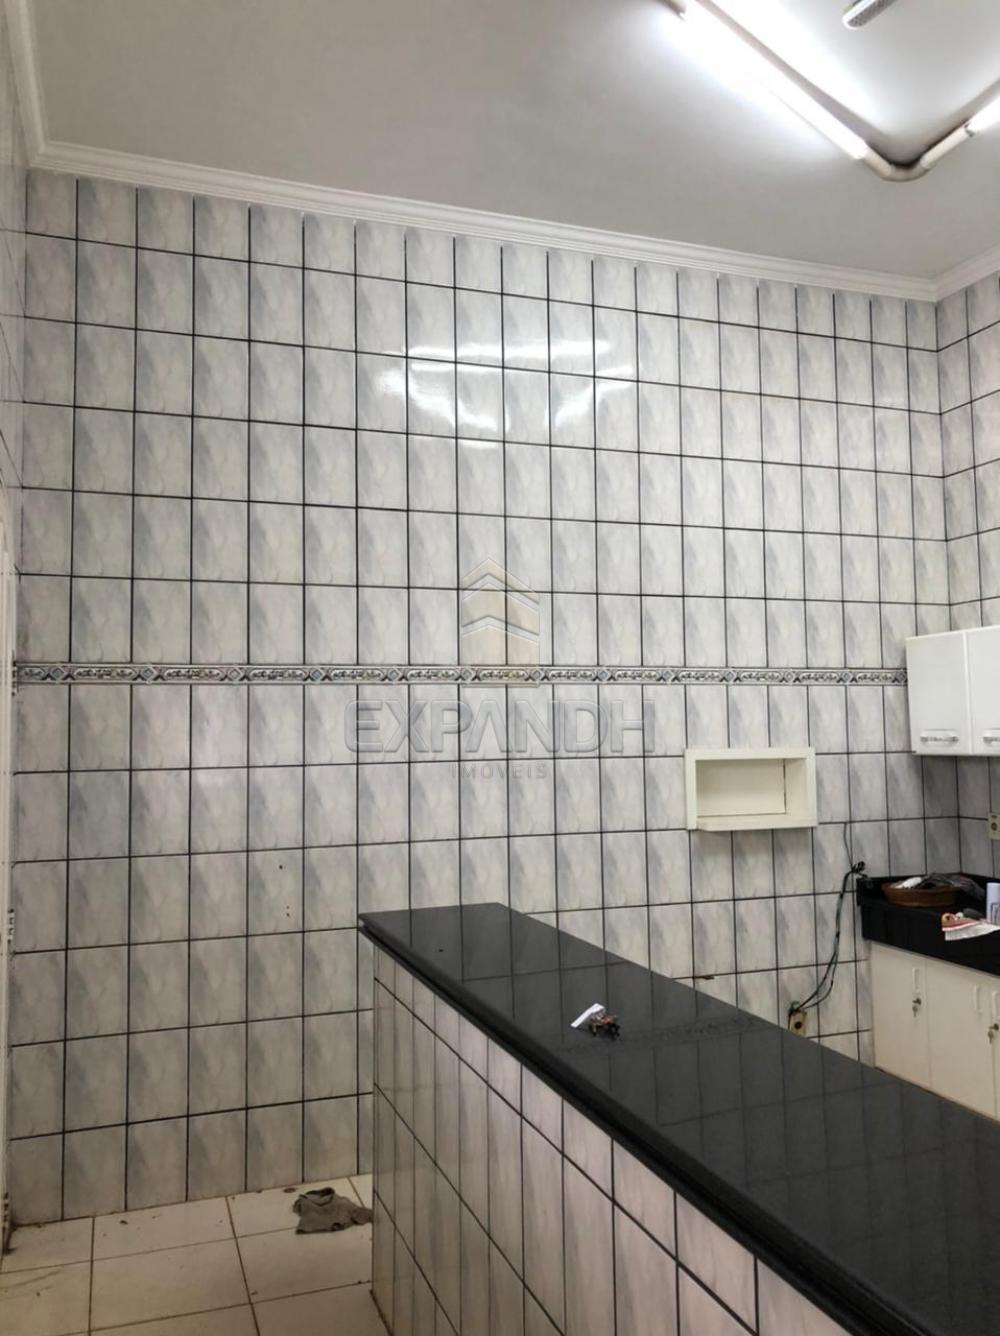 Alugar Comerciais / Salão em Sertãozinho R$ 12.500,00 - Foto 15